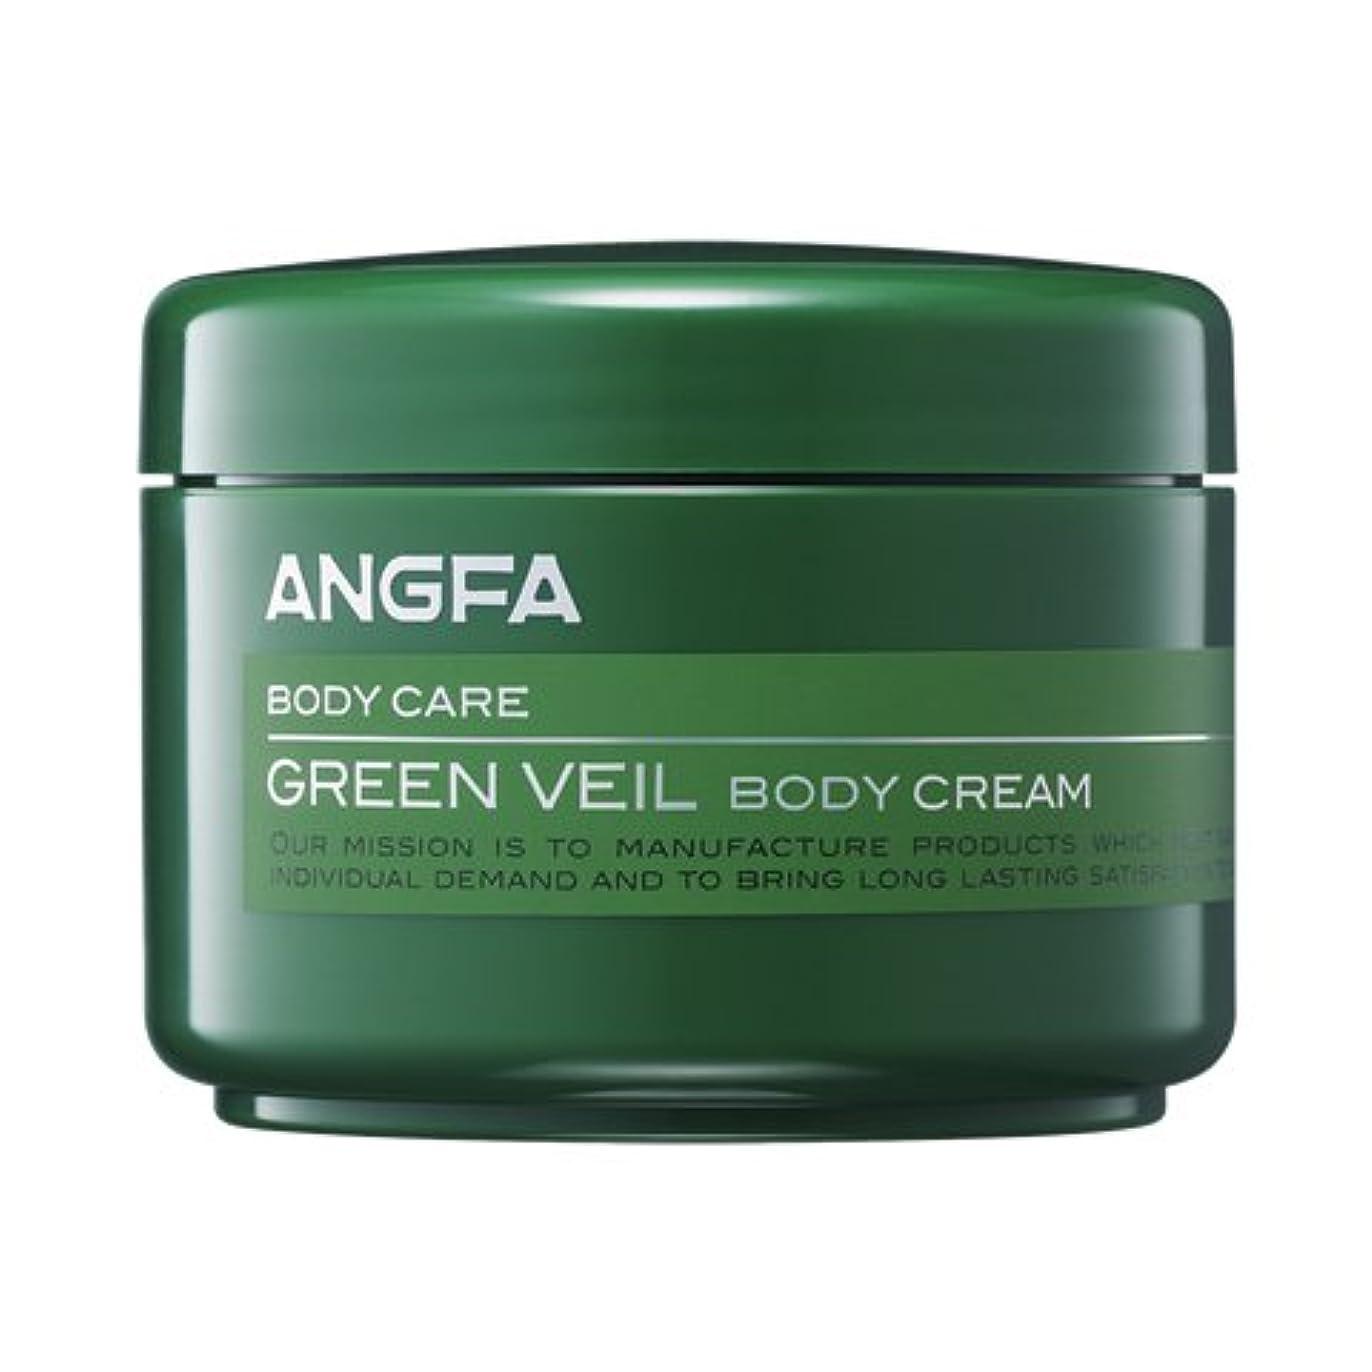 しなければならない換気キリストアンファー (ANGFA) グリーンベール 薬用ボディクリーム 45g グリーンフローラル [乾燥?保湿] かゆみ肌